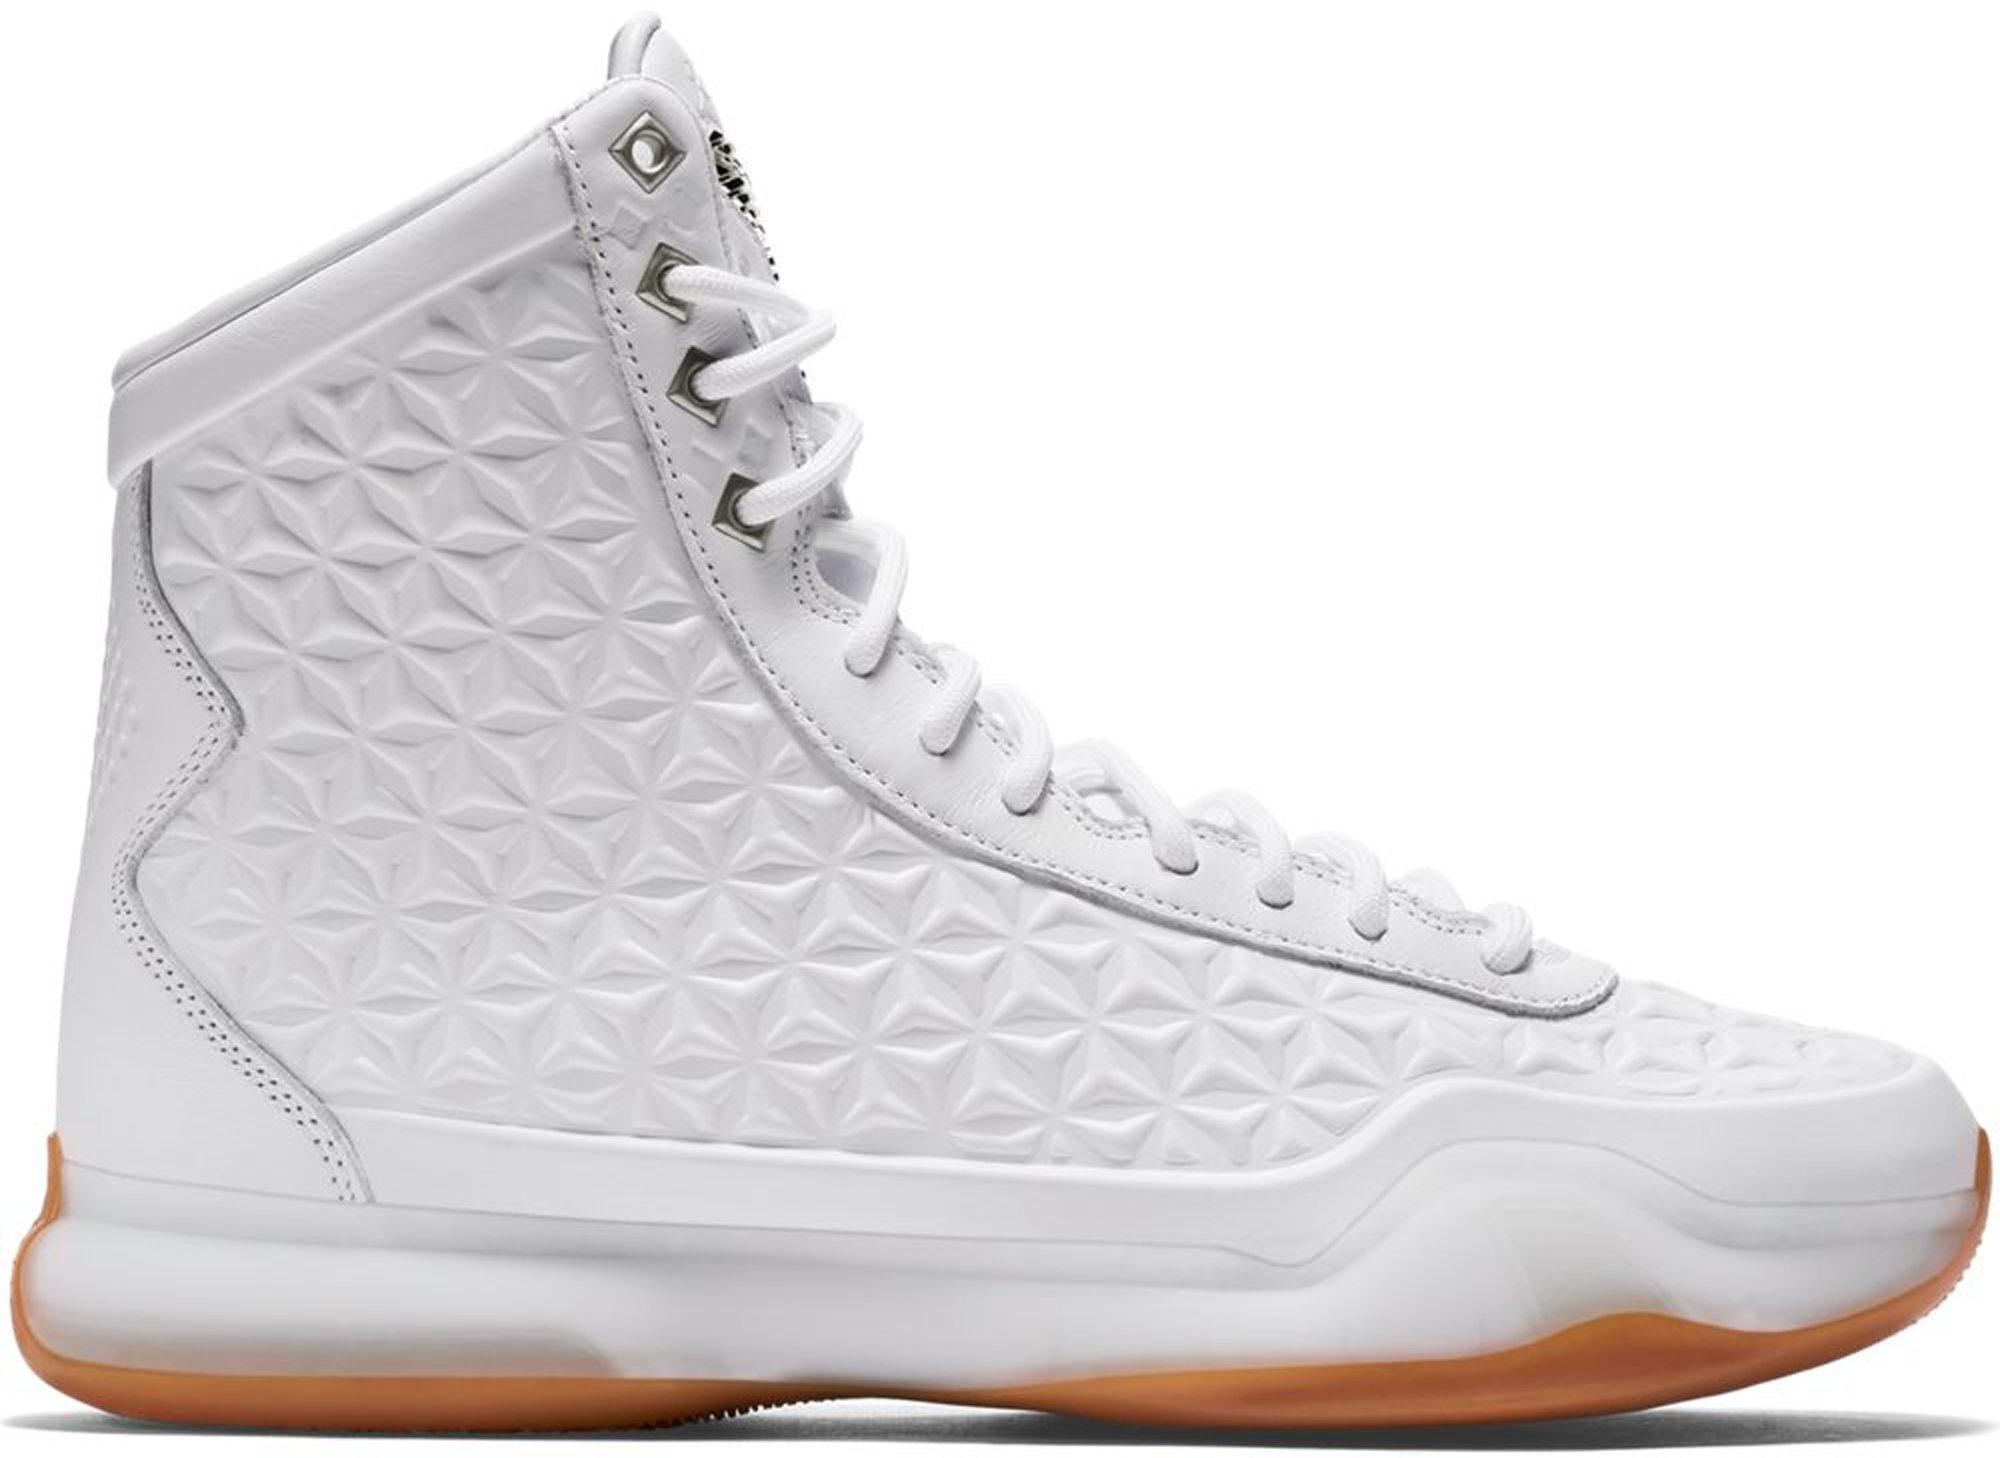 Nike Kobe 10 Elite Ext White Gum